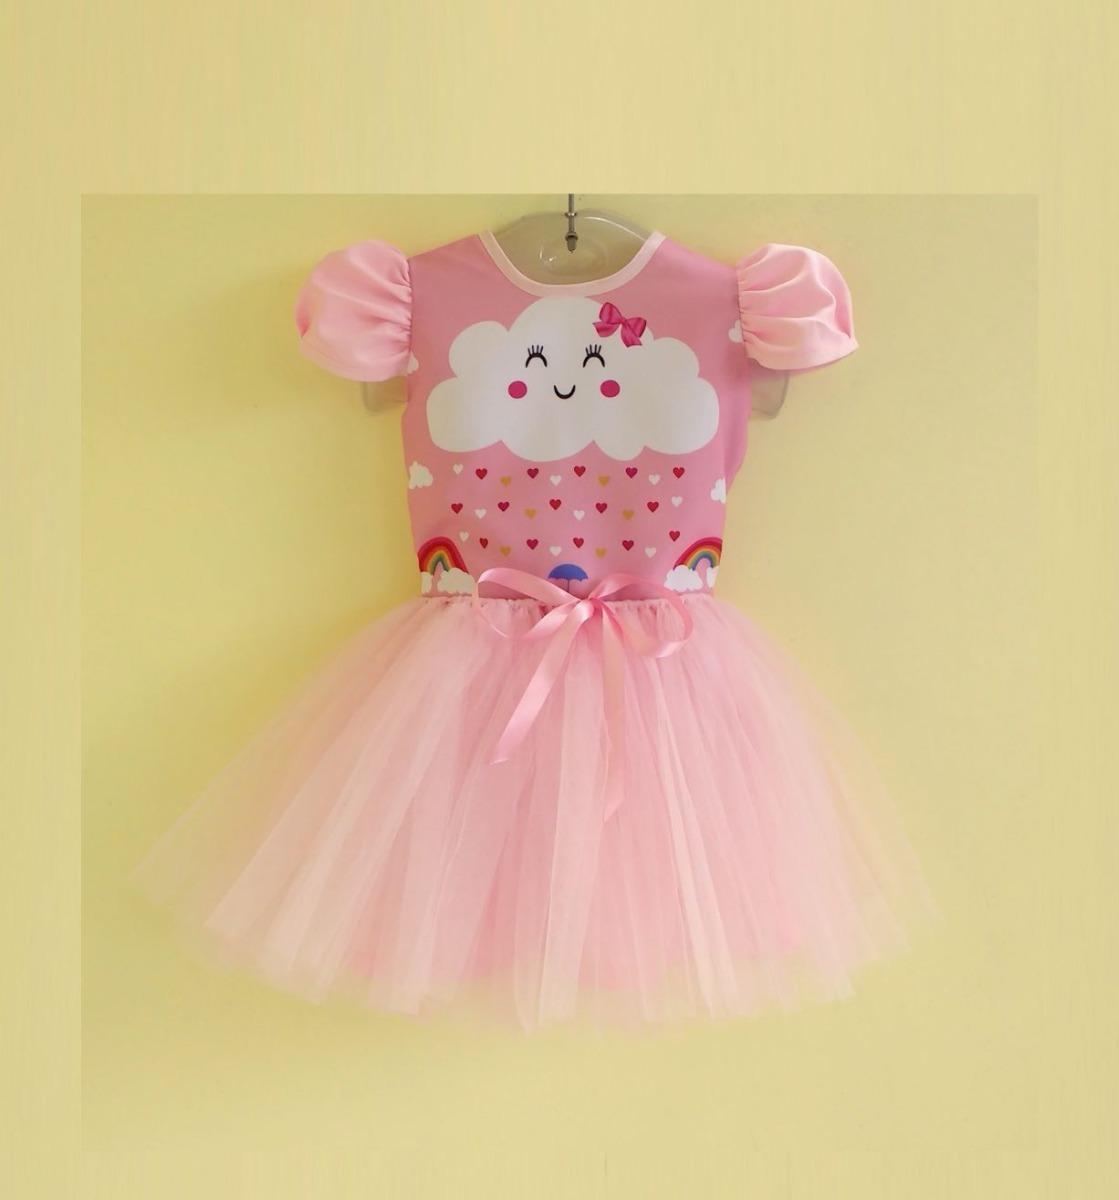 4f859b4f75 vestido infantil festa chuva de amor chuva benção bailarina. Carregando  zoom.